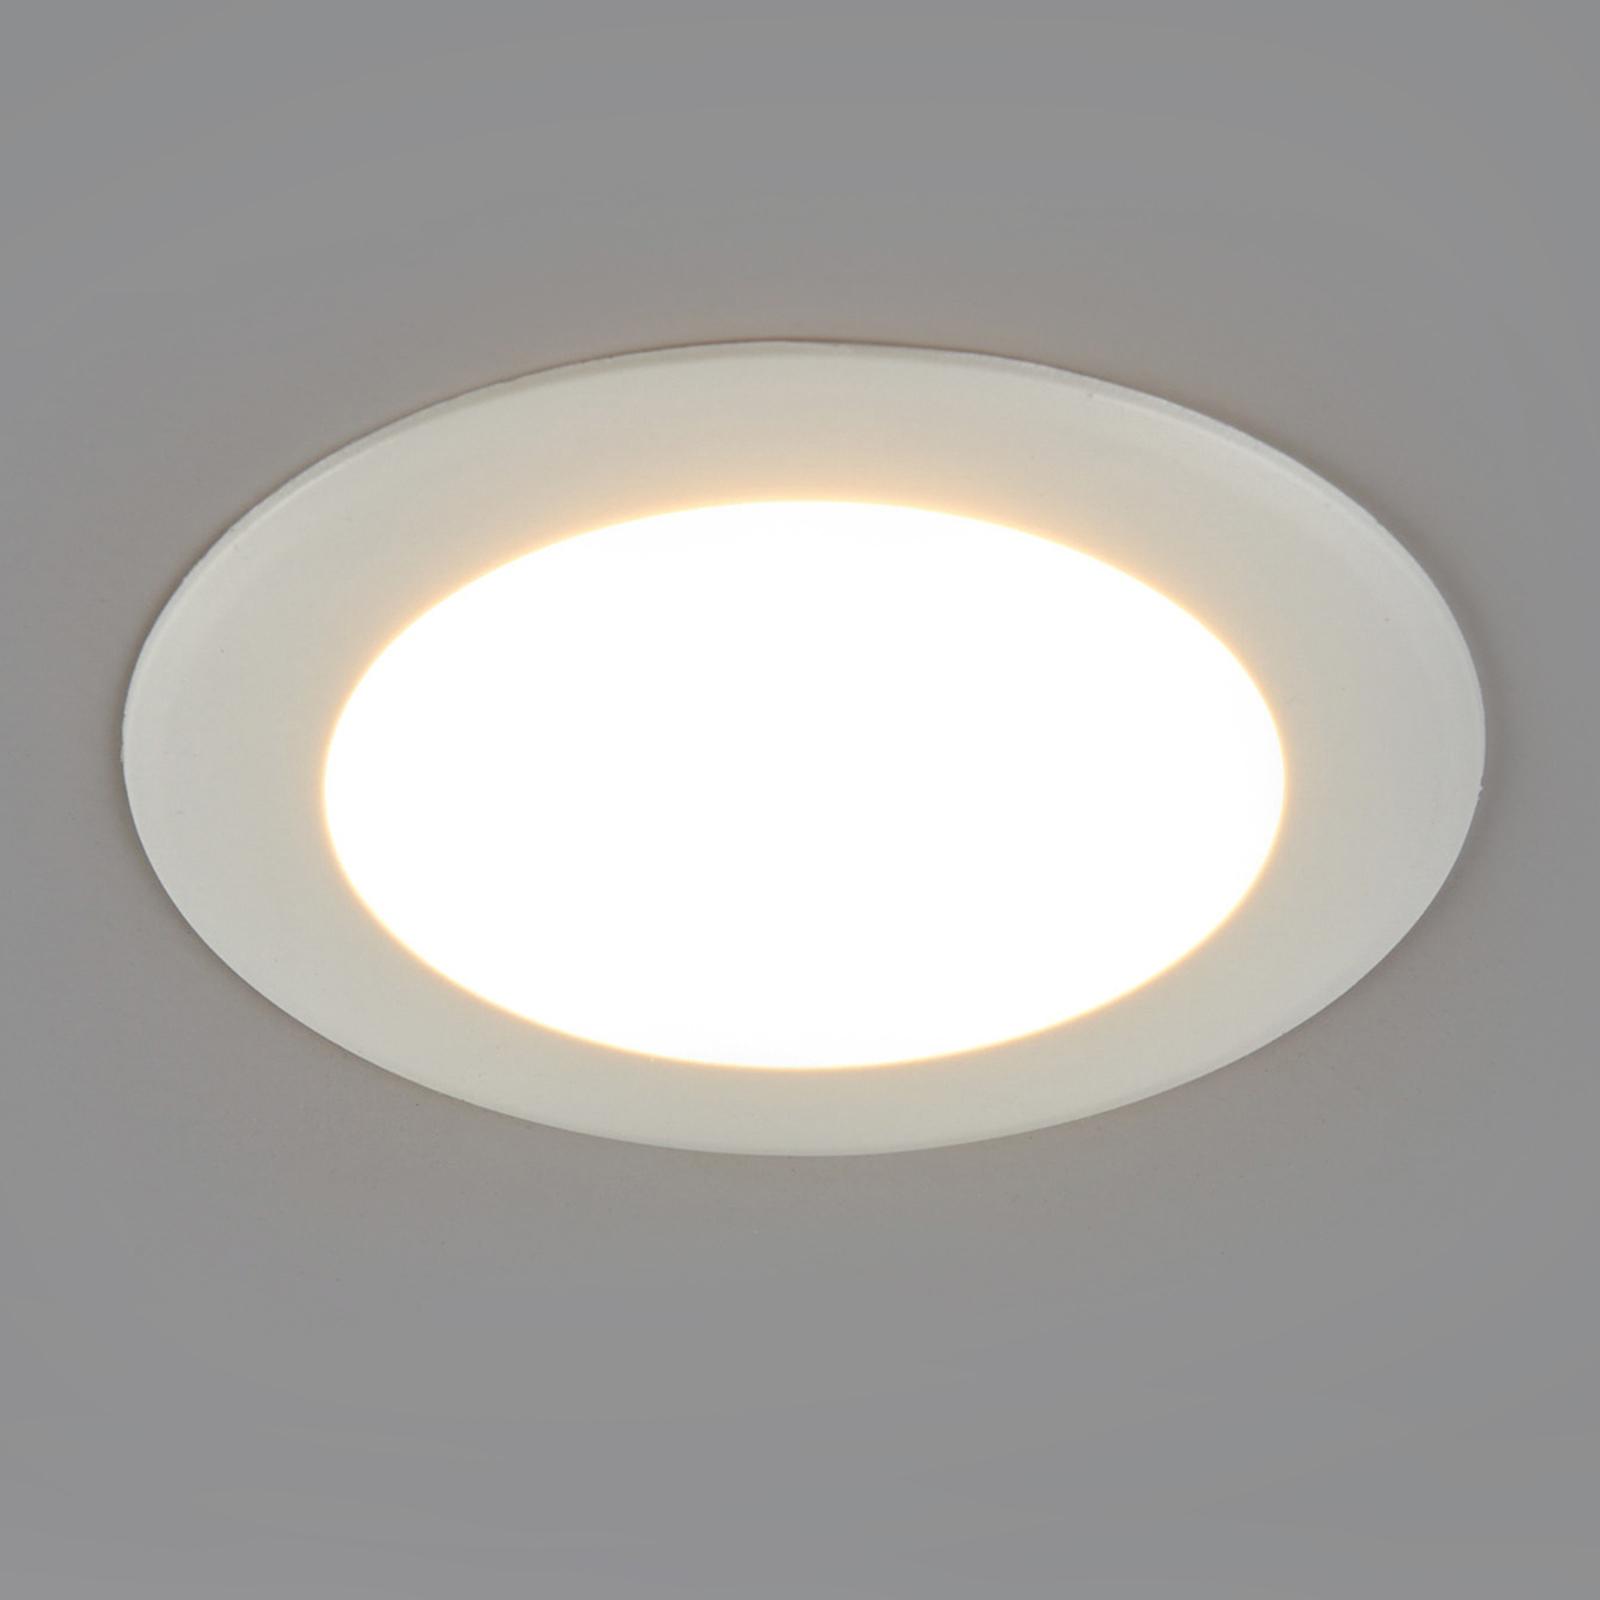 Runde LED-Einbauleuchte Arian, 9,2 cm 6W